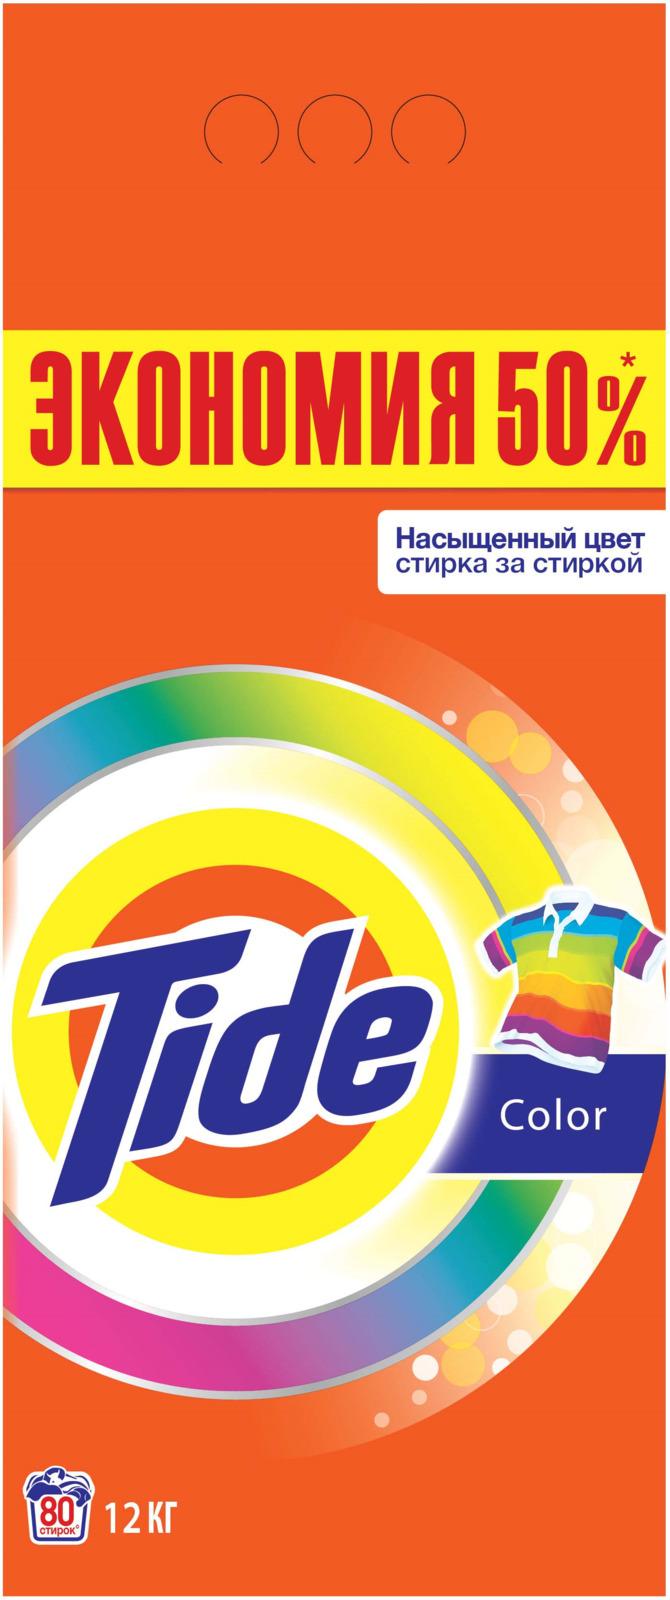 Стиральный порошок Tide Automat. Колор, 12 кг стиральный порошок cadi концентрат для цветных вещей 3